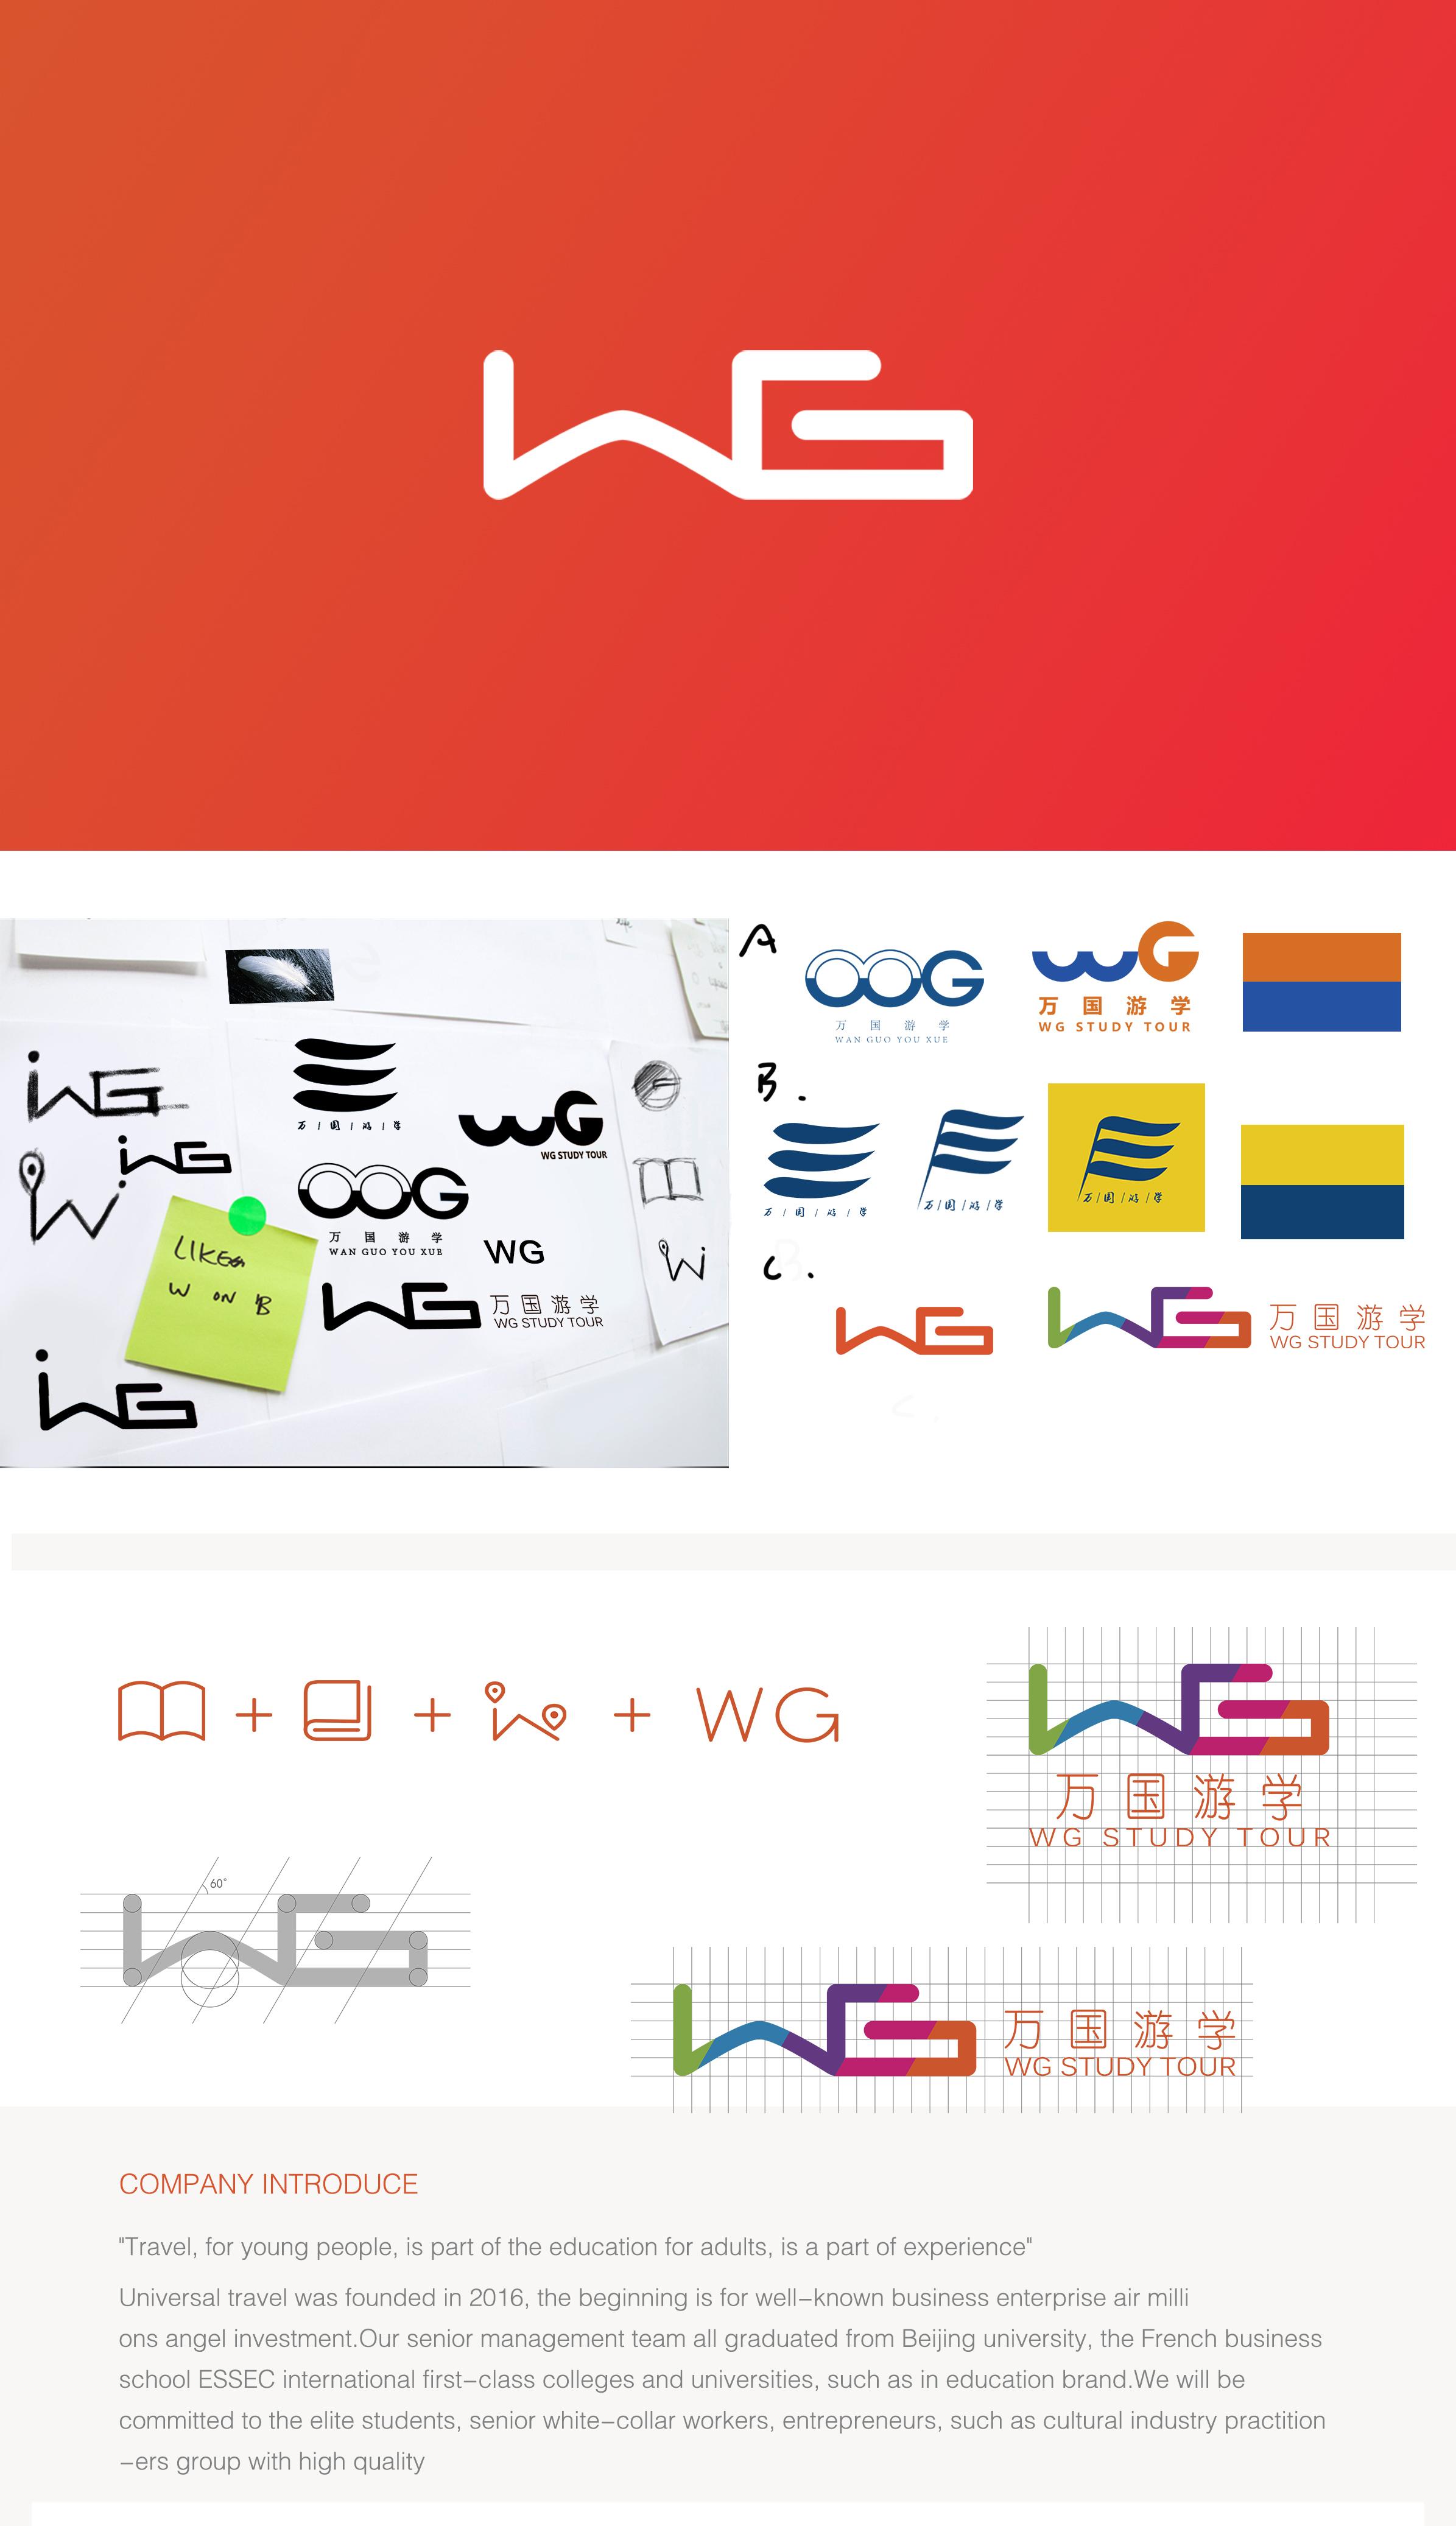 深圳特航航空——万国游学技术开发有限公司logo及vi设计